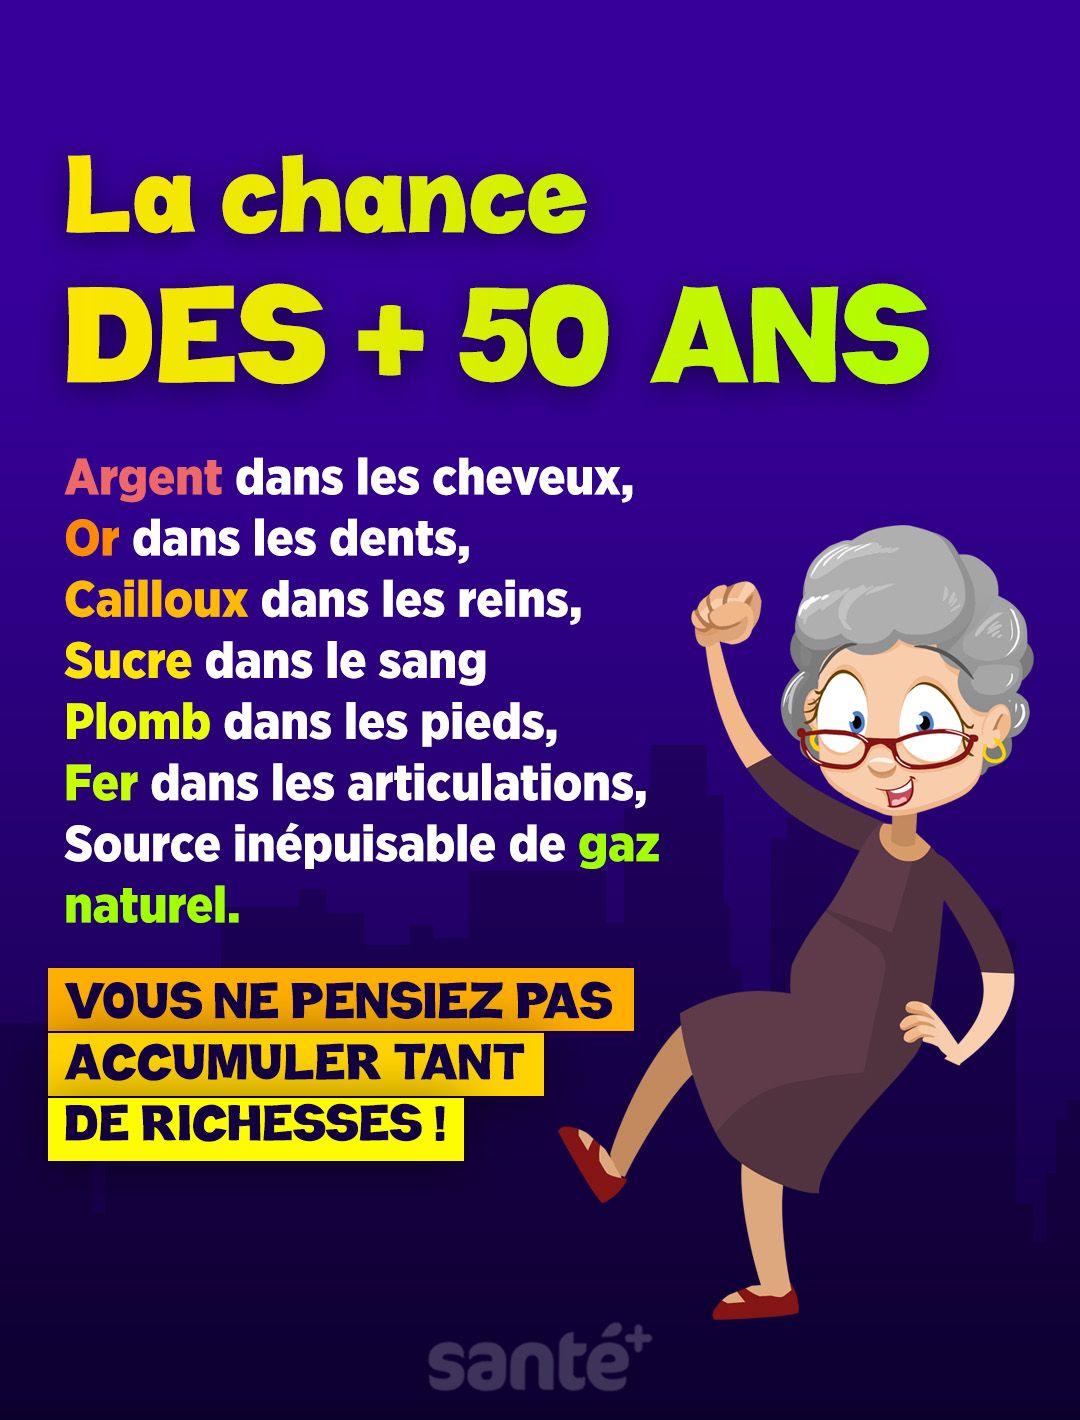 Texte Pour Anniversaire 50 Ans : texte, anniversaire, Citations, Citation, Anniversaire, Humour, Anniversaire,, Humoristique